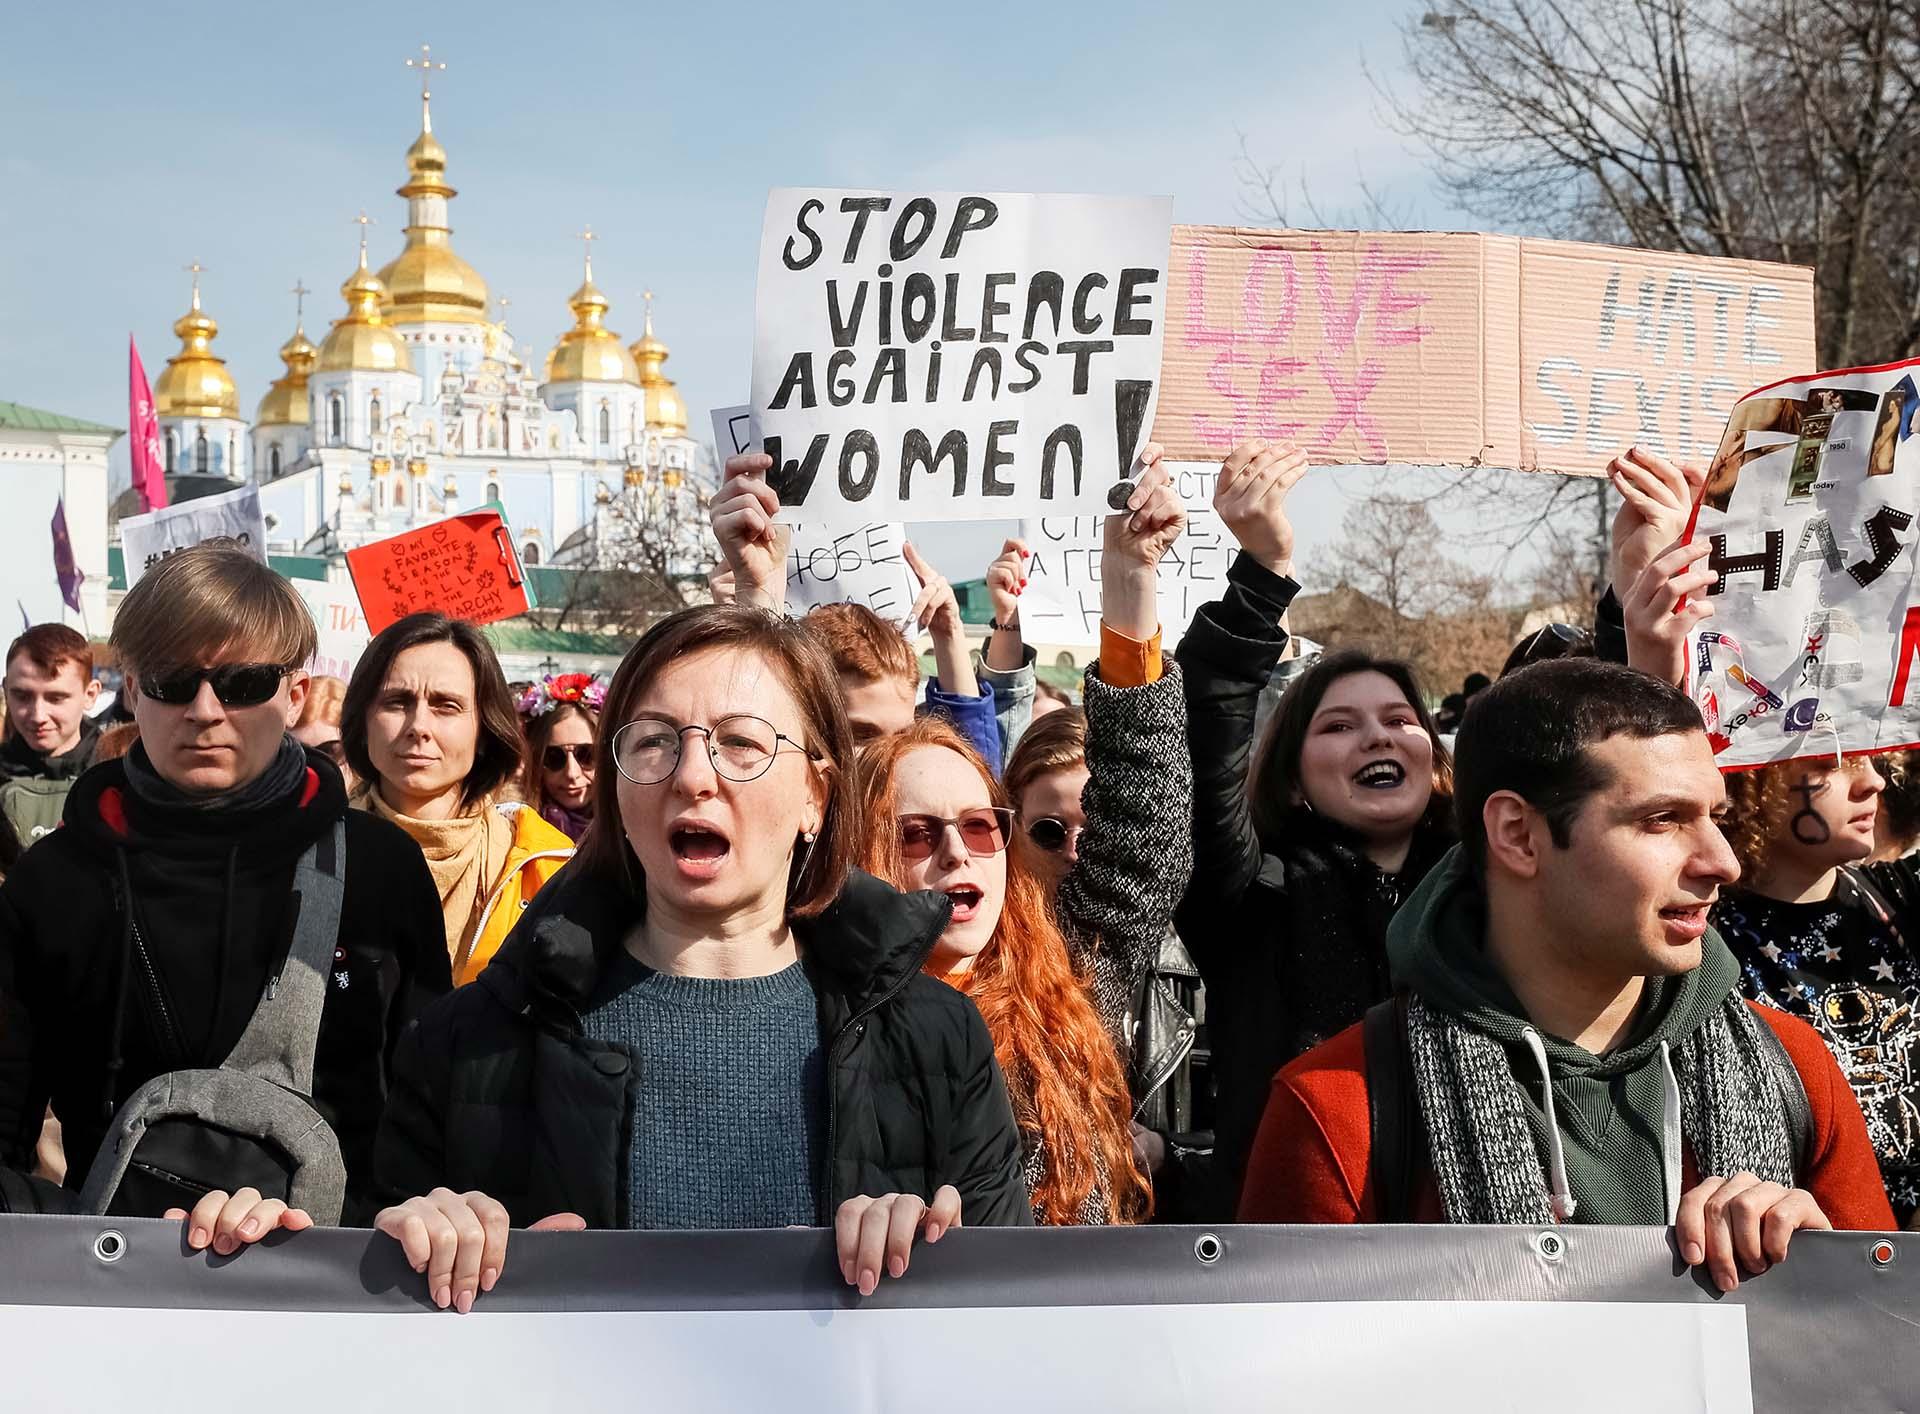 Movilización por el Día Internacional de la Mujer, en Kiev, Ucrania (REUTERS/Gleb Garanich)